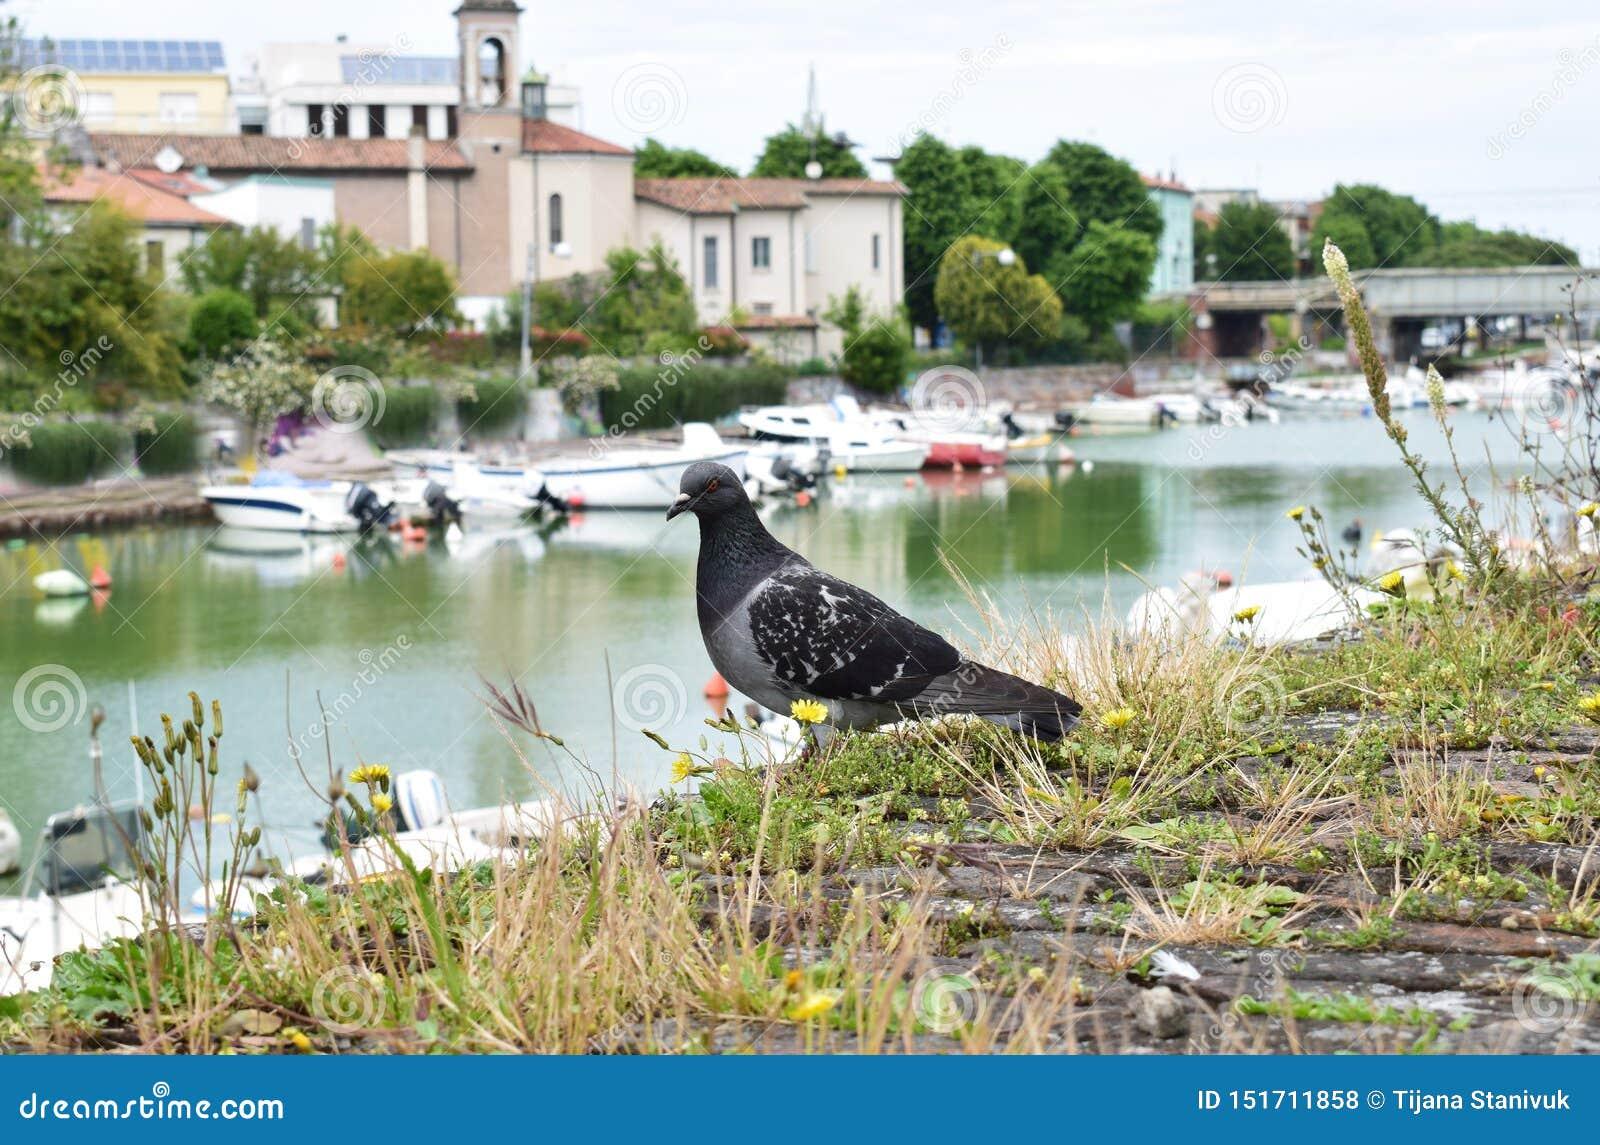 可爱的鸽子,里米尼,意大利